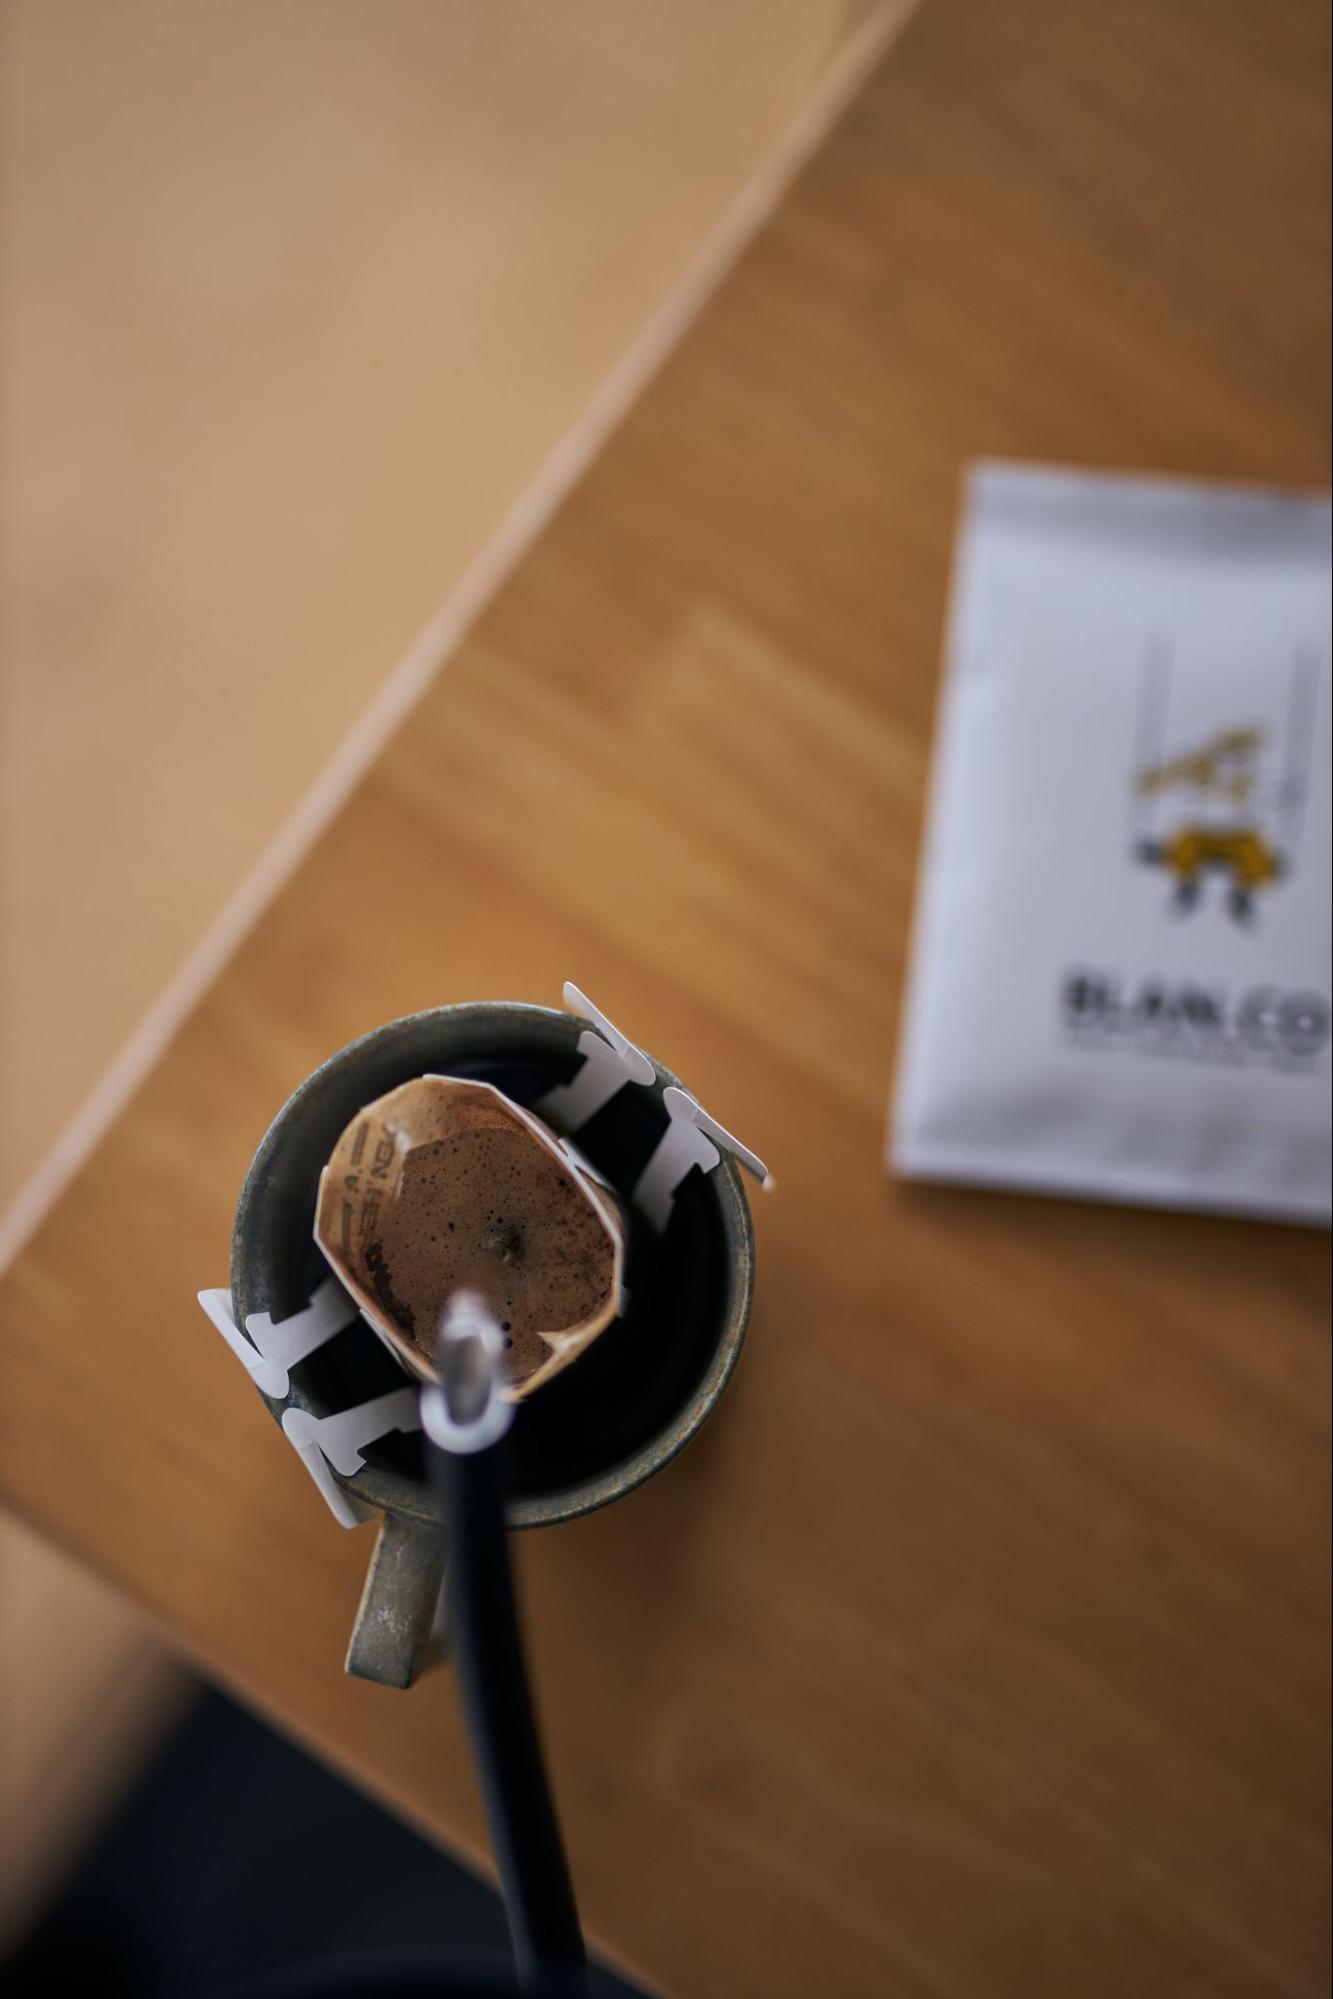 本格的な味わいをご自宅でも。ドリップパックコーヒー淹れ方をご紹介します。